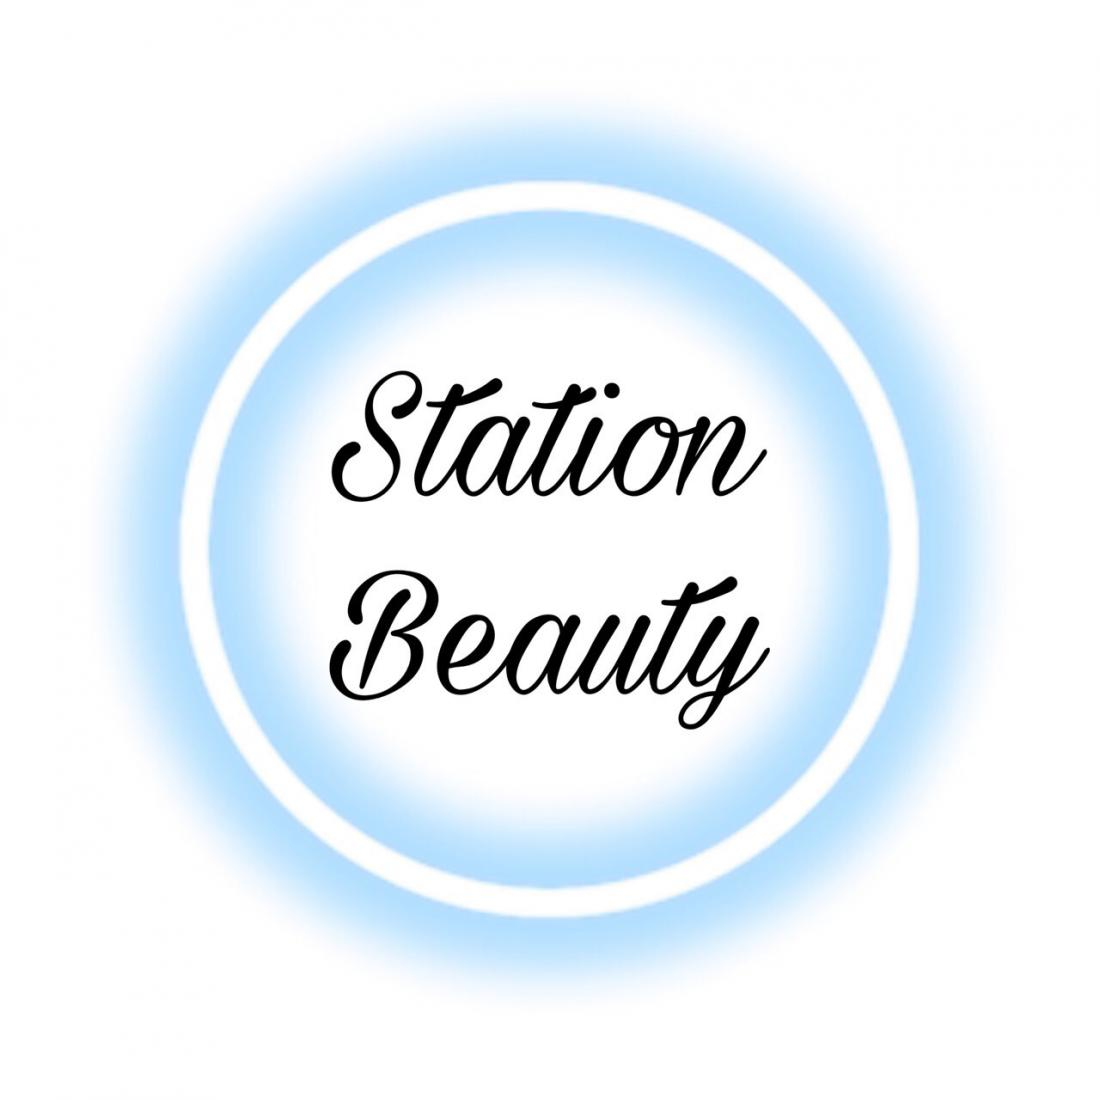 """Моделирование, коррекция, окрашивание/долговременная укладка бровей от 5 руб. в студии красоты """"Station Beauty"""""""